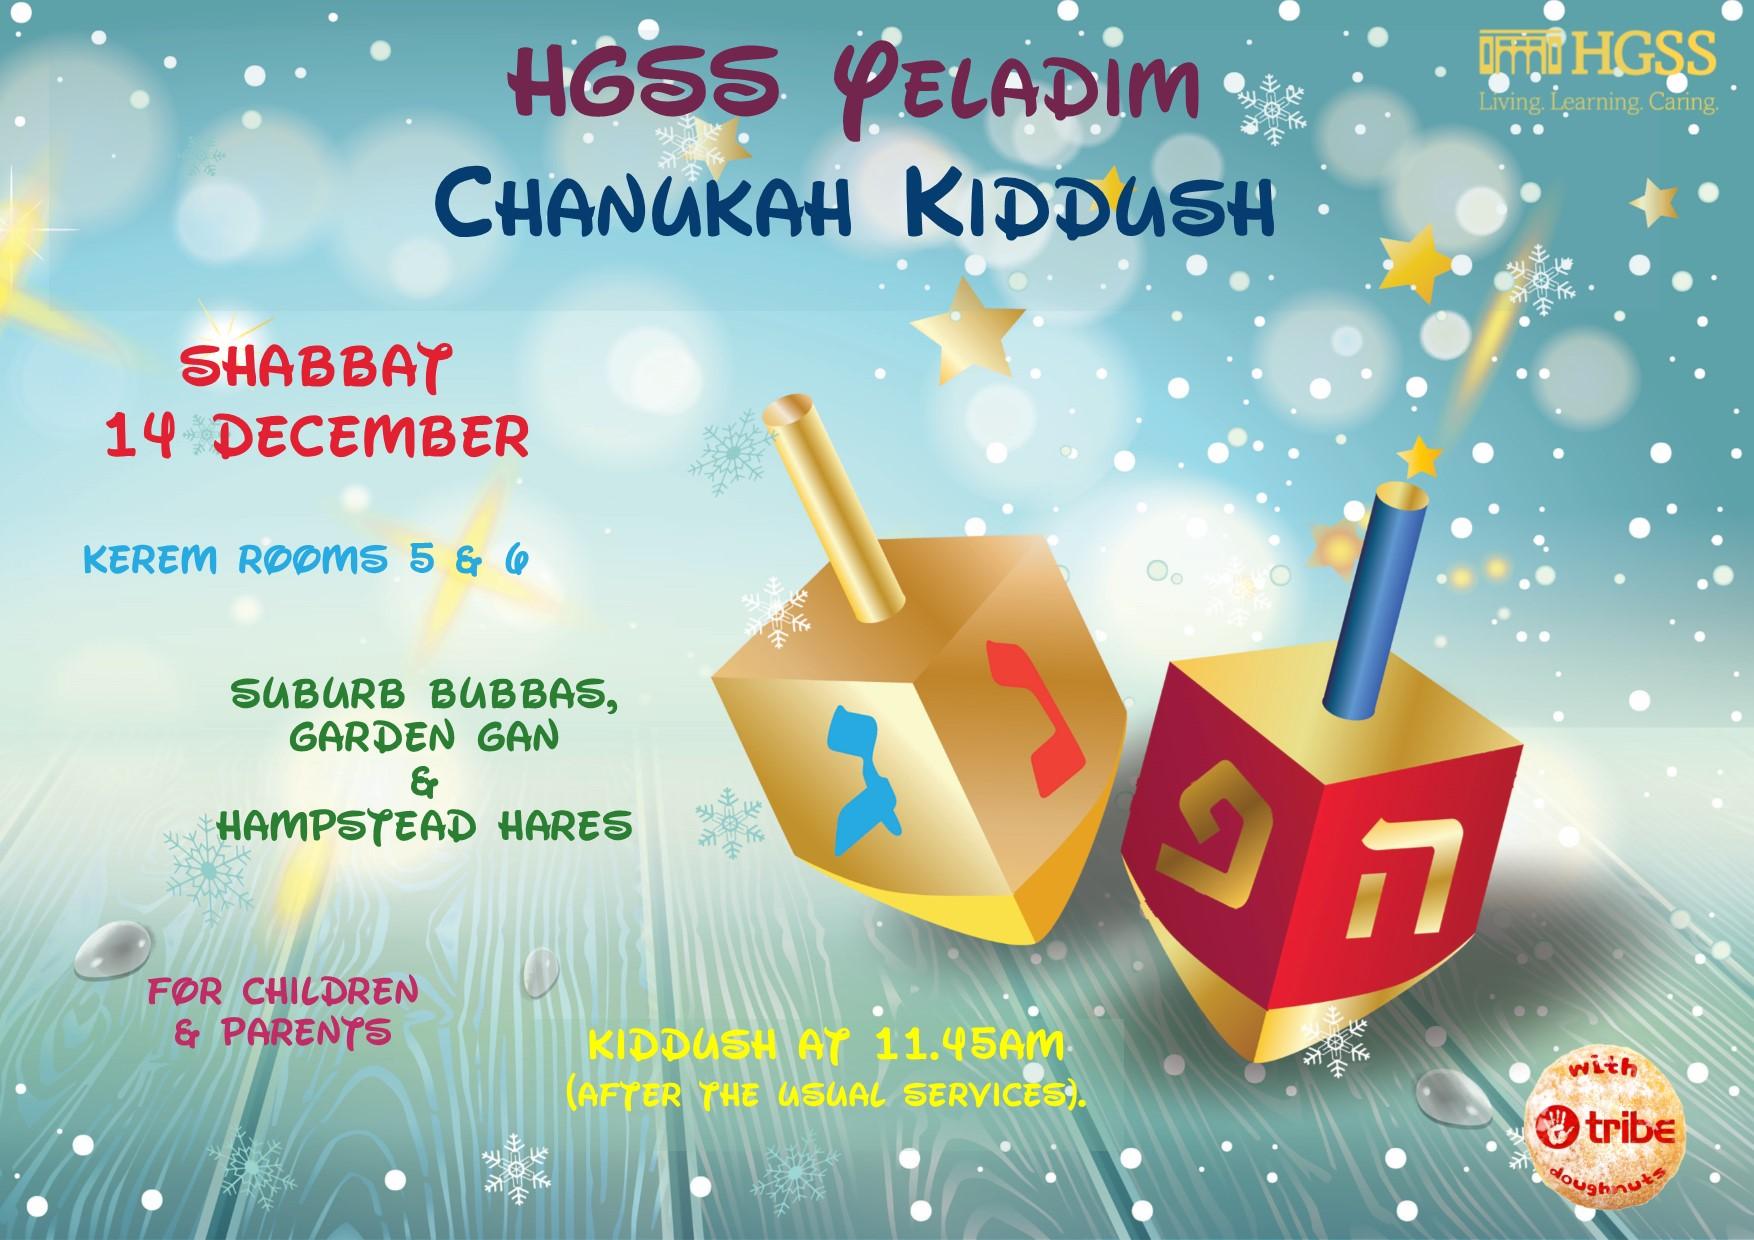 HGSS Yeladim Chanukah Kiddush